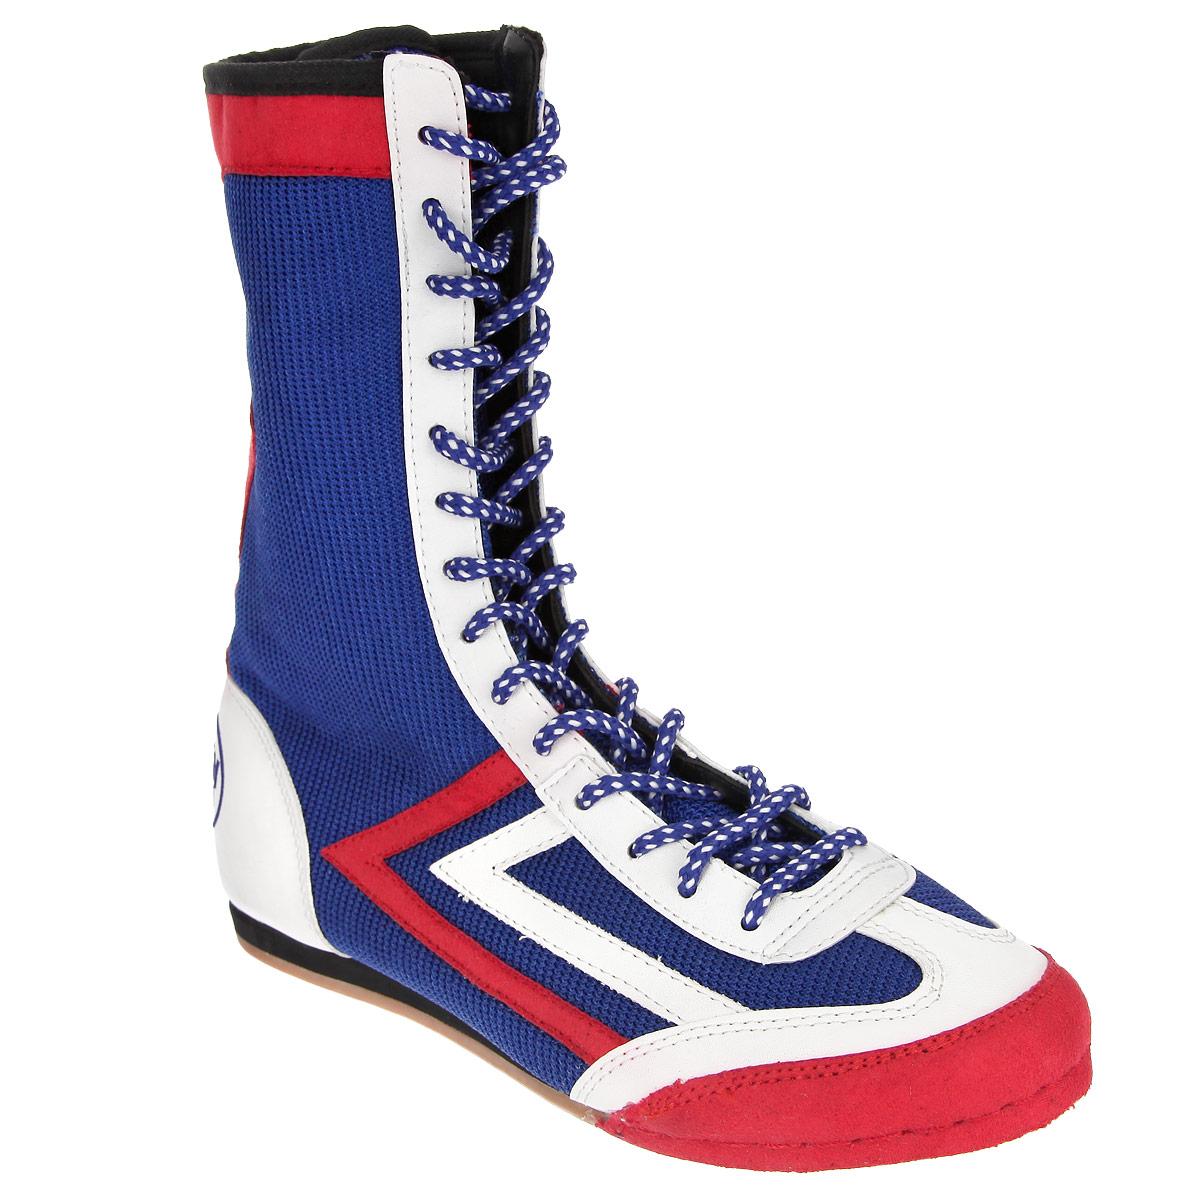 Боксерки Green Hill, цвет: синий. BS-5076a. Размер 46BS-5076Классическиебоксерки от Green Hill предназначены для занятий боксом. Модель, выполненная из дышащего текстиля со вставками из искусственной кожи и замши, оформлена названием бренда. Уплотненный задник и шнуровка обеспечивают надежную фиксацию обуви на ноге. Высокое голенище - для дополнительной защиты от ударов. Подошва с противоскользящим рифлением гарантирует идеальное сцепление с любой поверхностью. Стелька EVA с текстильной поверхностью обеспечивает превосходную амортизацию и комфорт.В таких боксерках вашим ногам будет максимально комфортно.